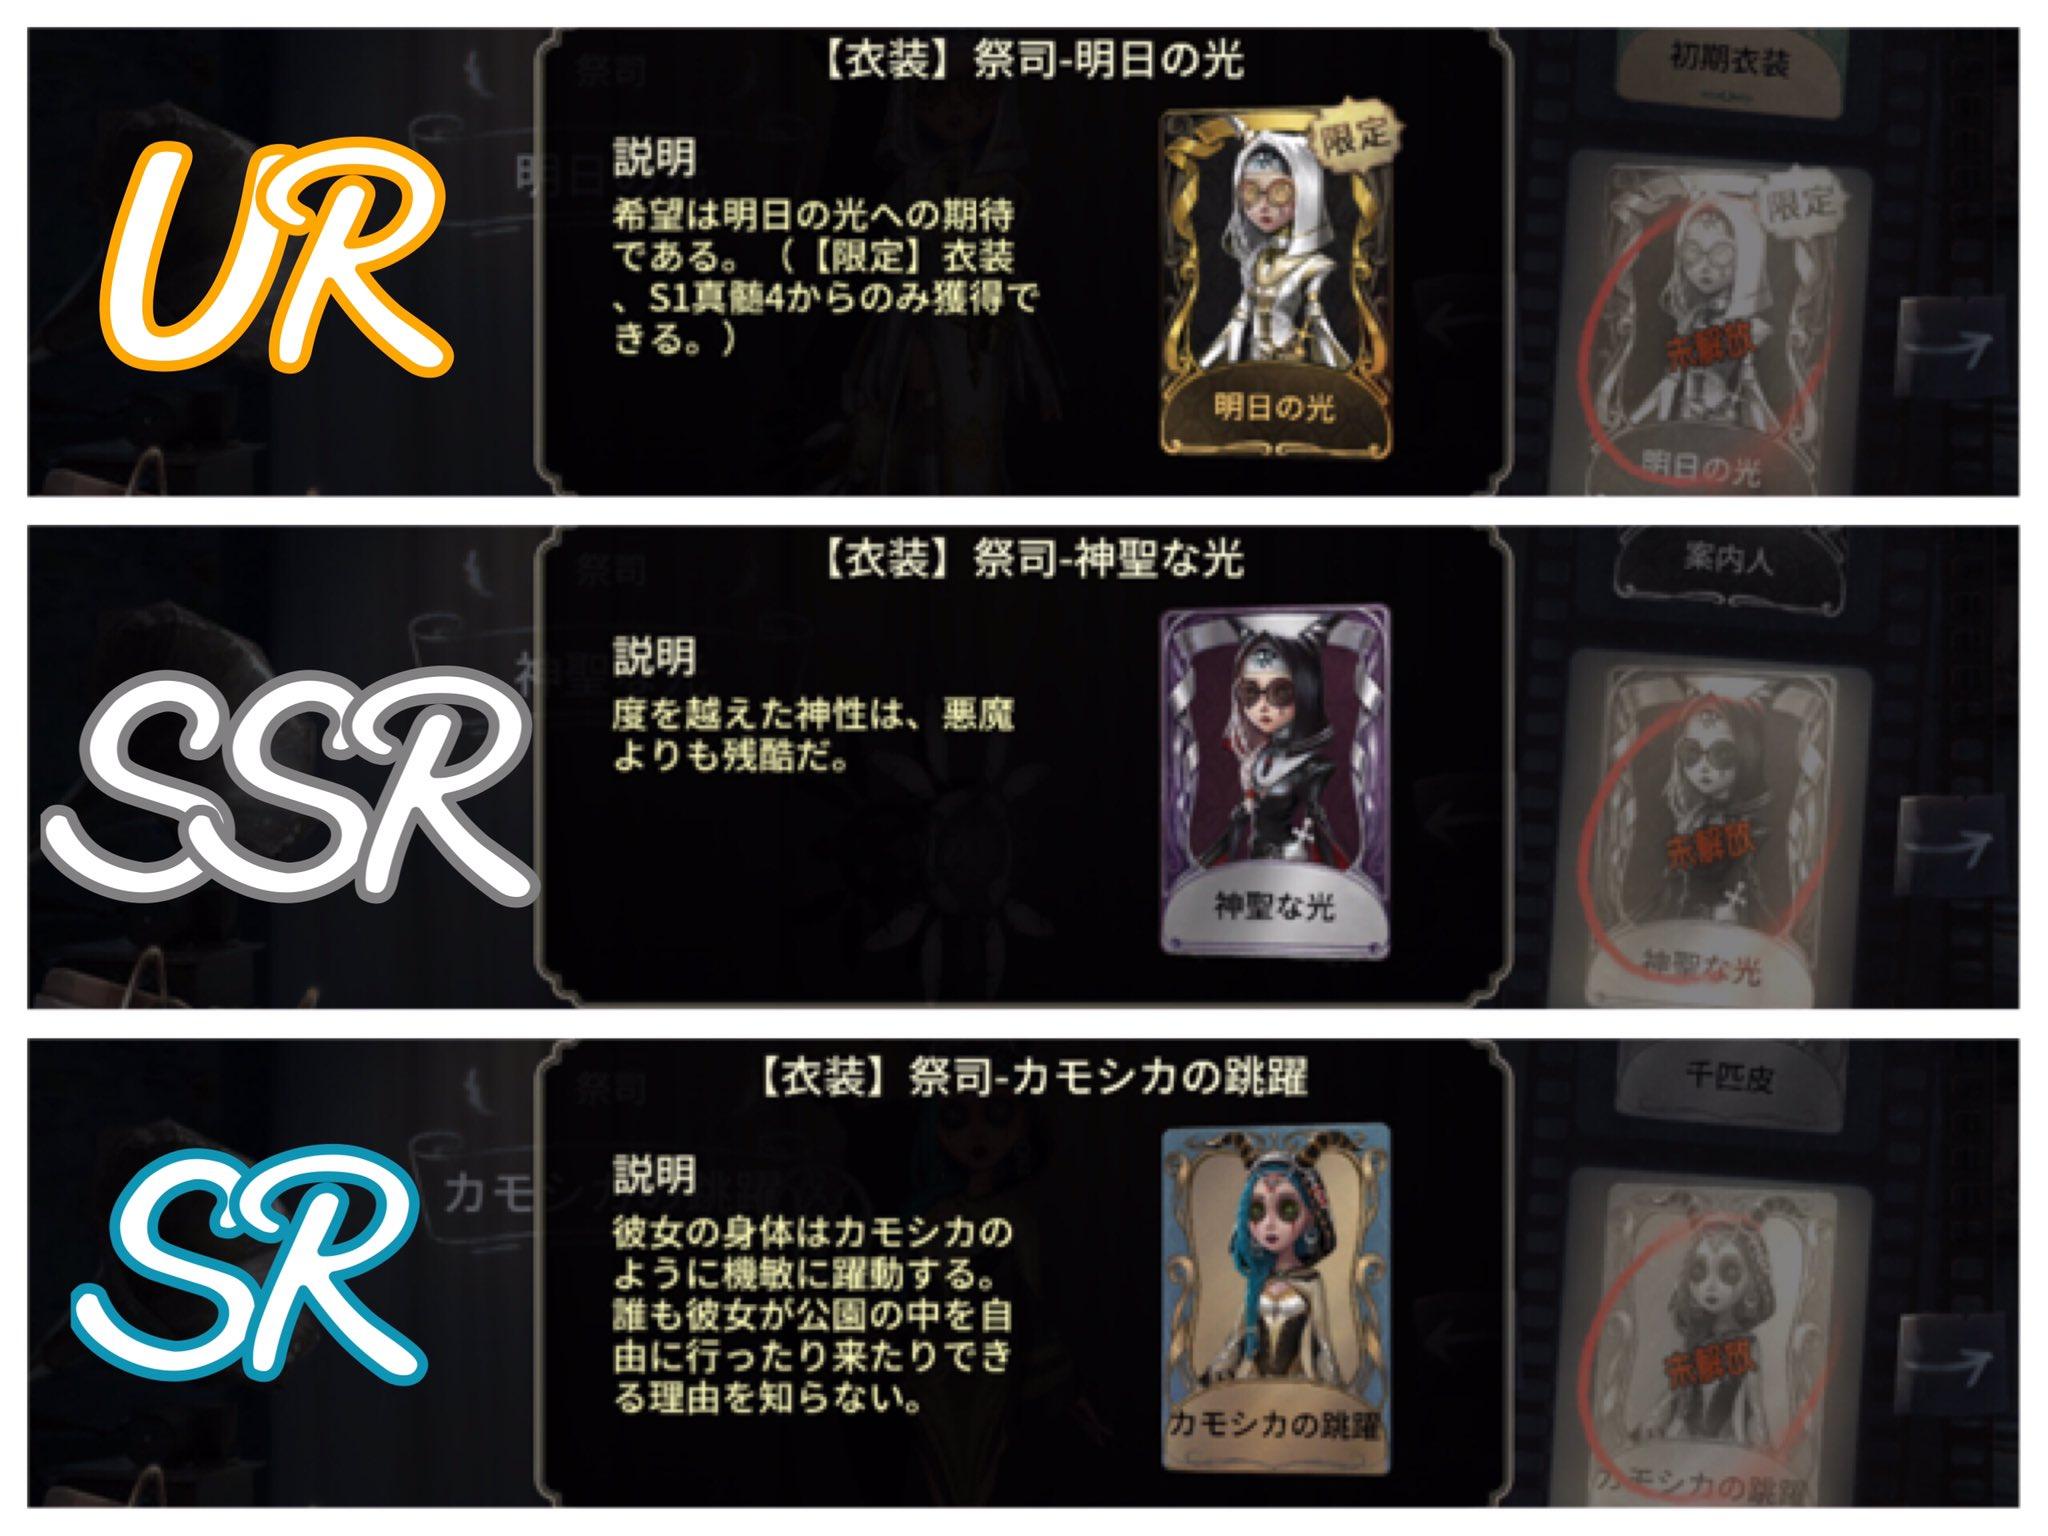 カード 第 解放 五 ssr 衣装 人格 おしゃれを楽しむ衣装体験カードの使い方